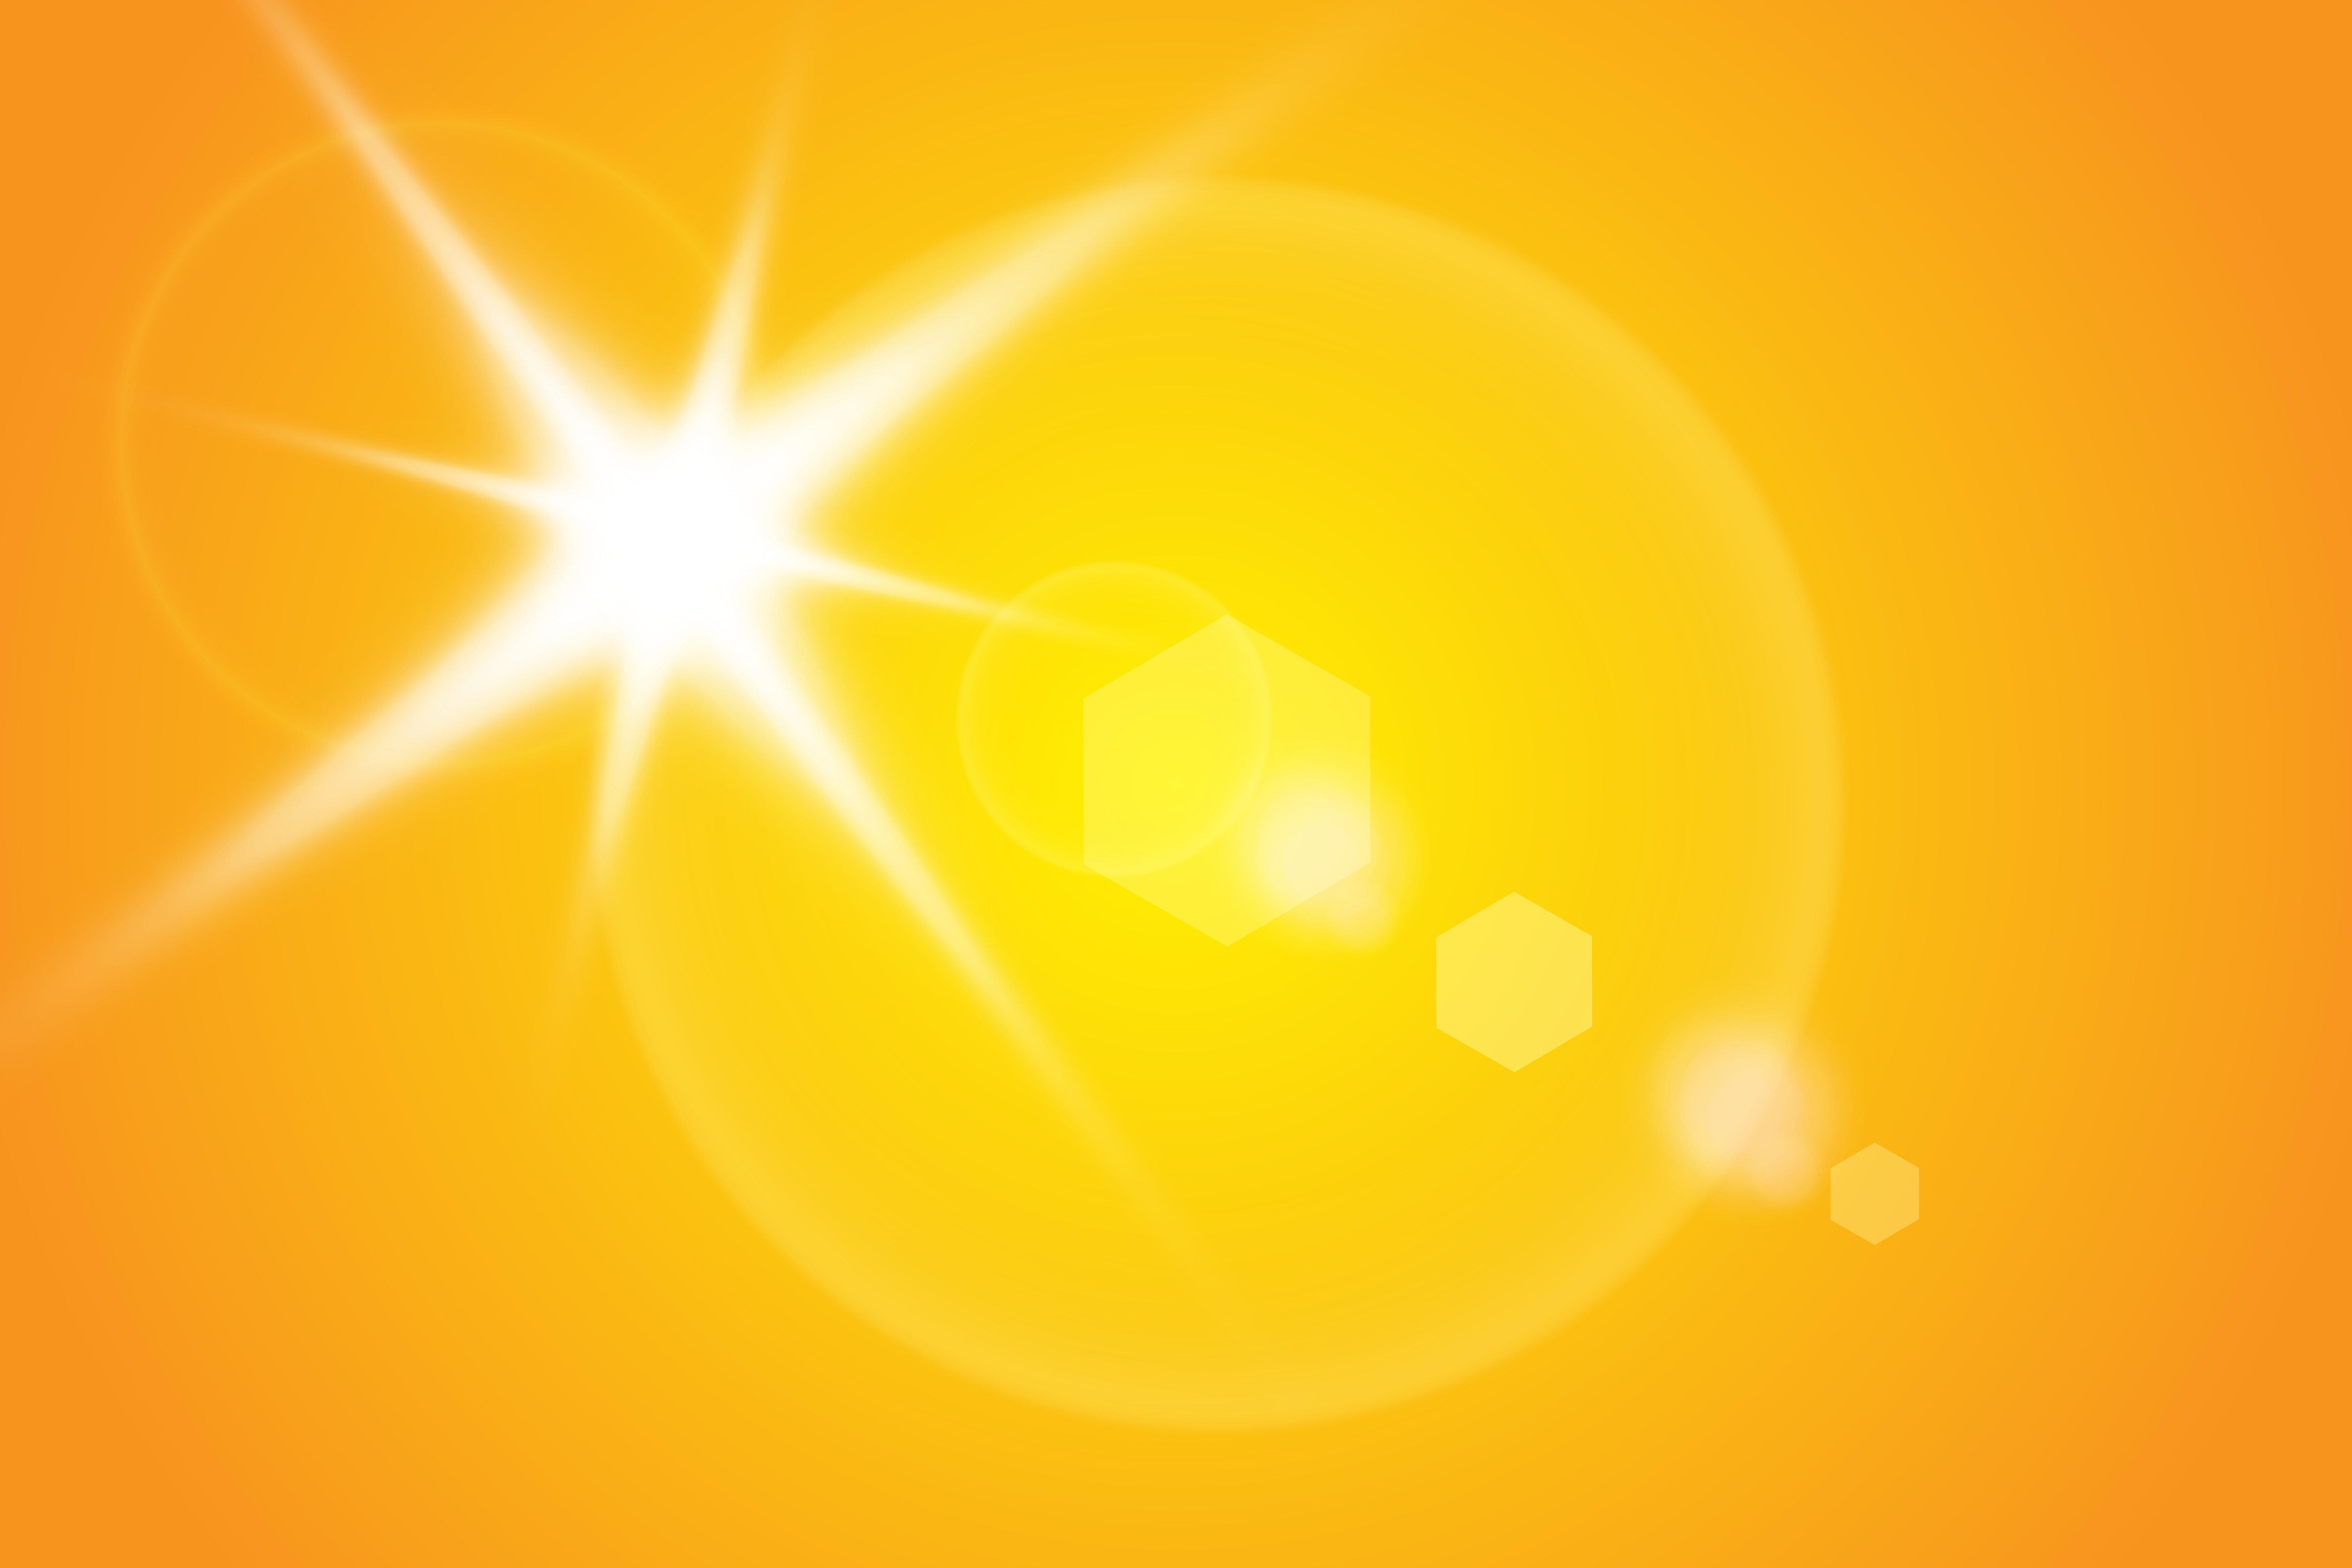 「この先は5月の概念が崩れる暑さに」河津真人キャスターが紹介した予想最高気温が衝撃的